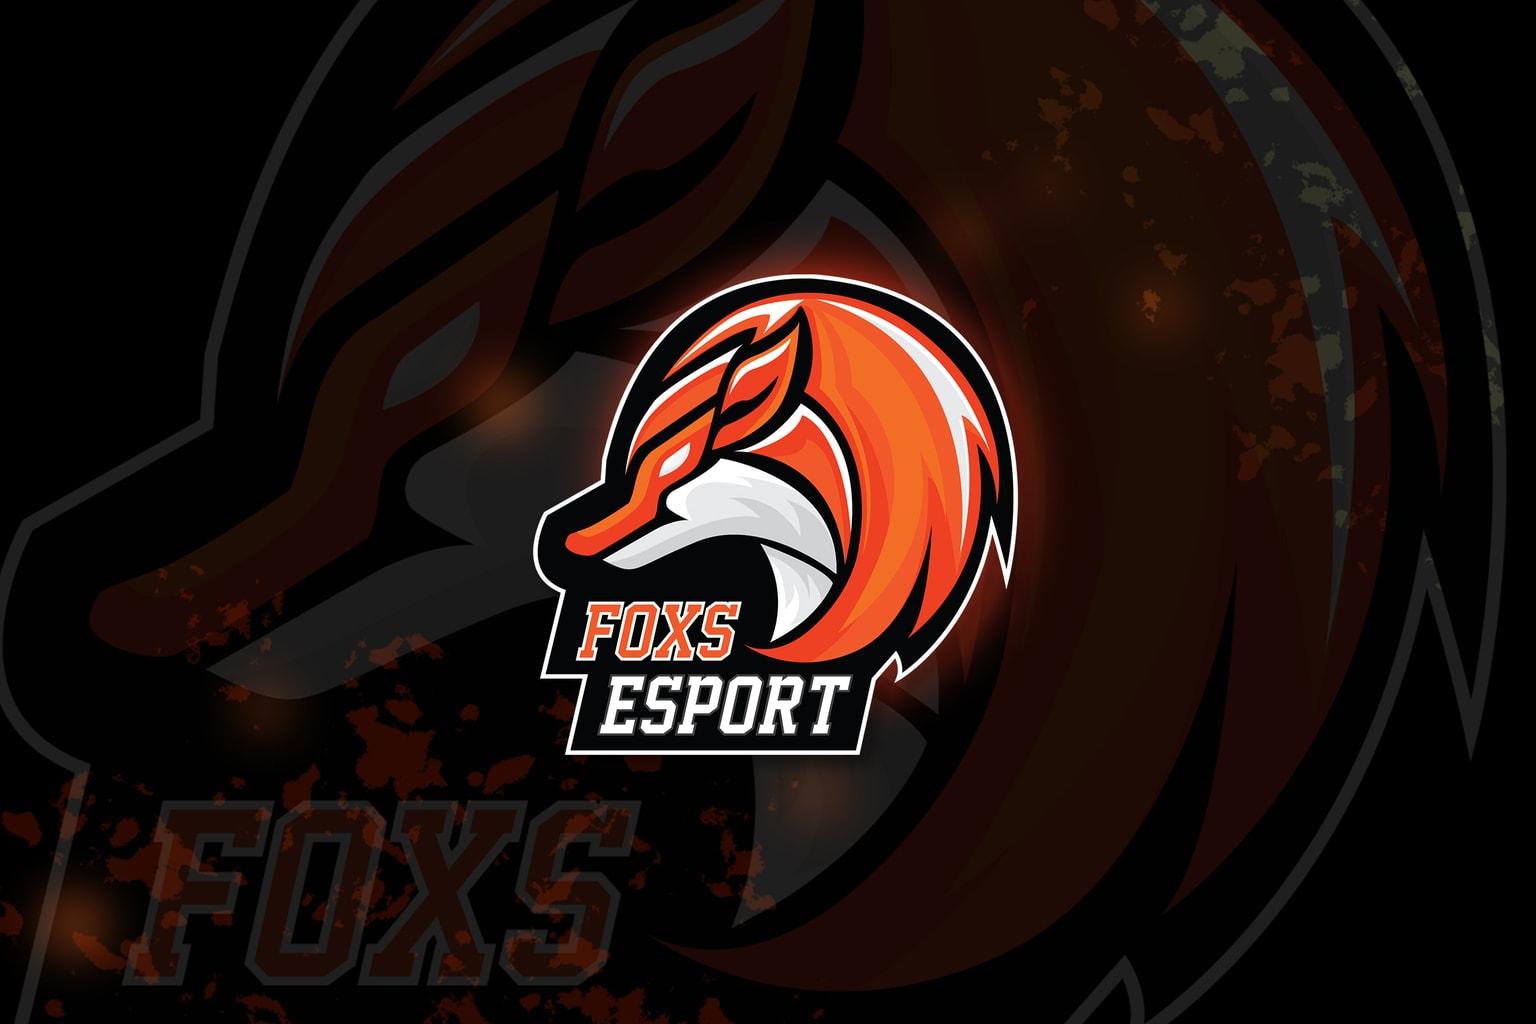 Esport Logo – Intruder Foxes